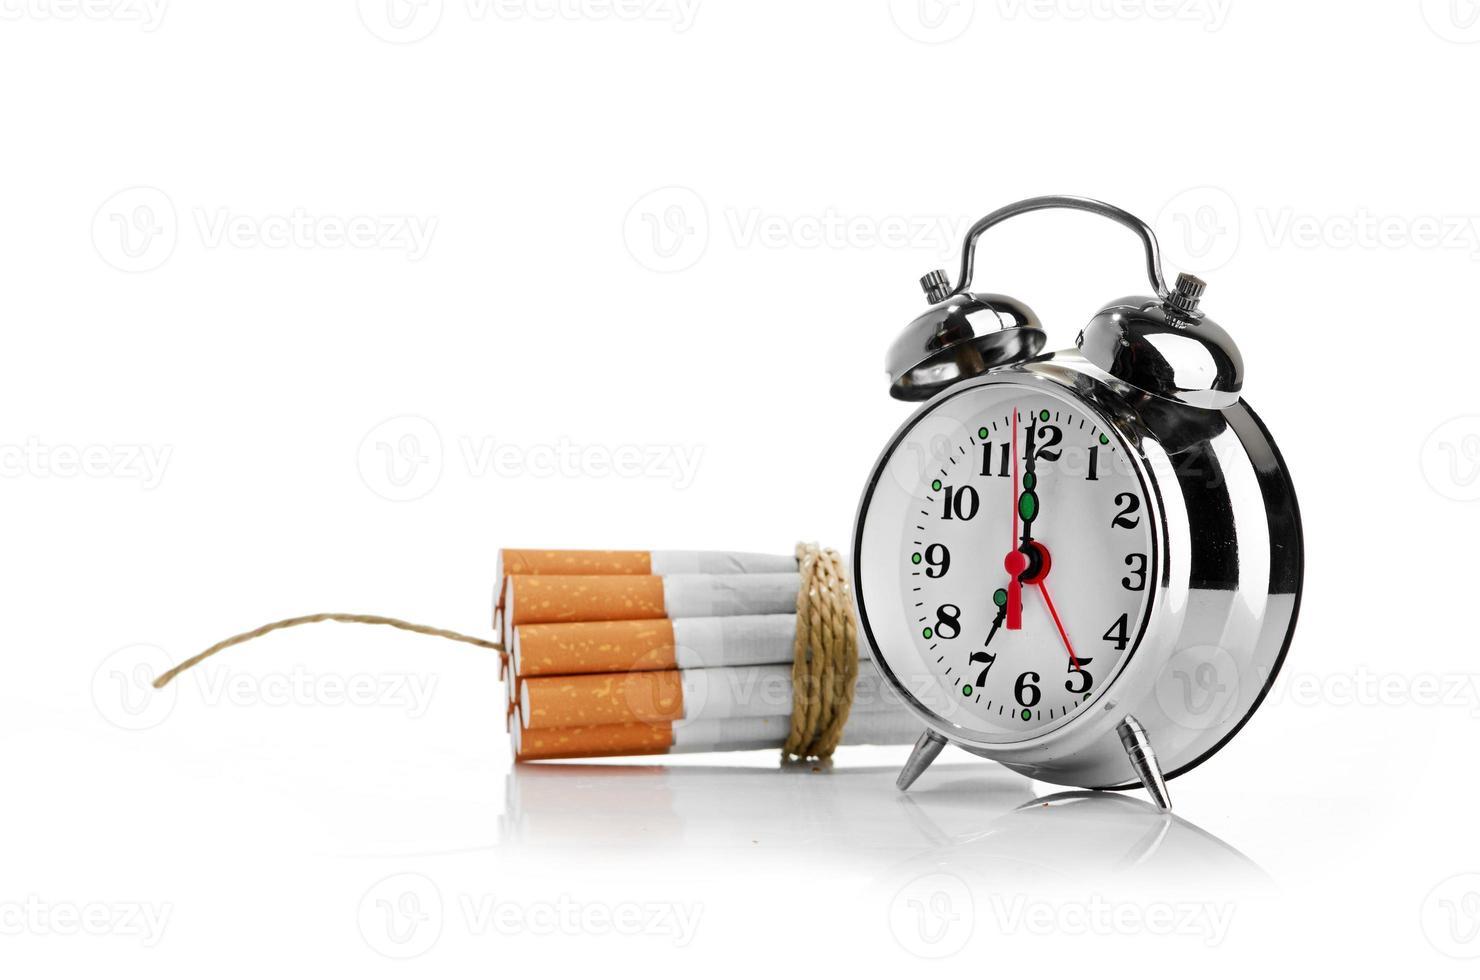 pare de fumar. isolado no fundo branco foto